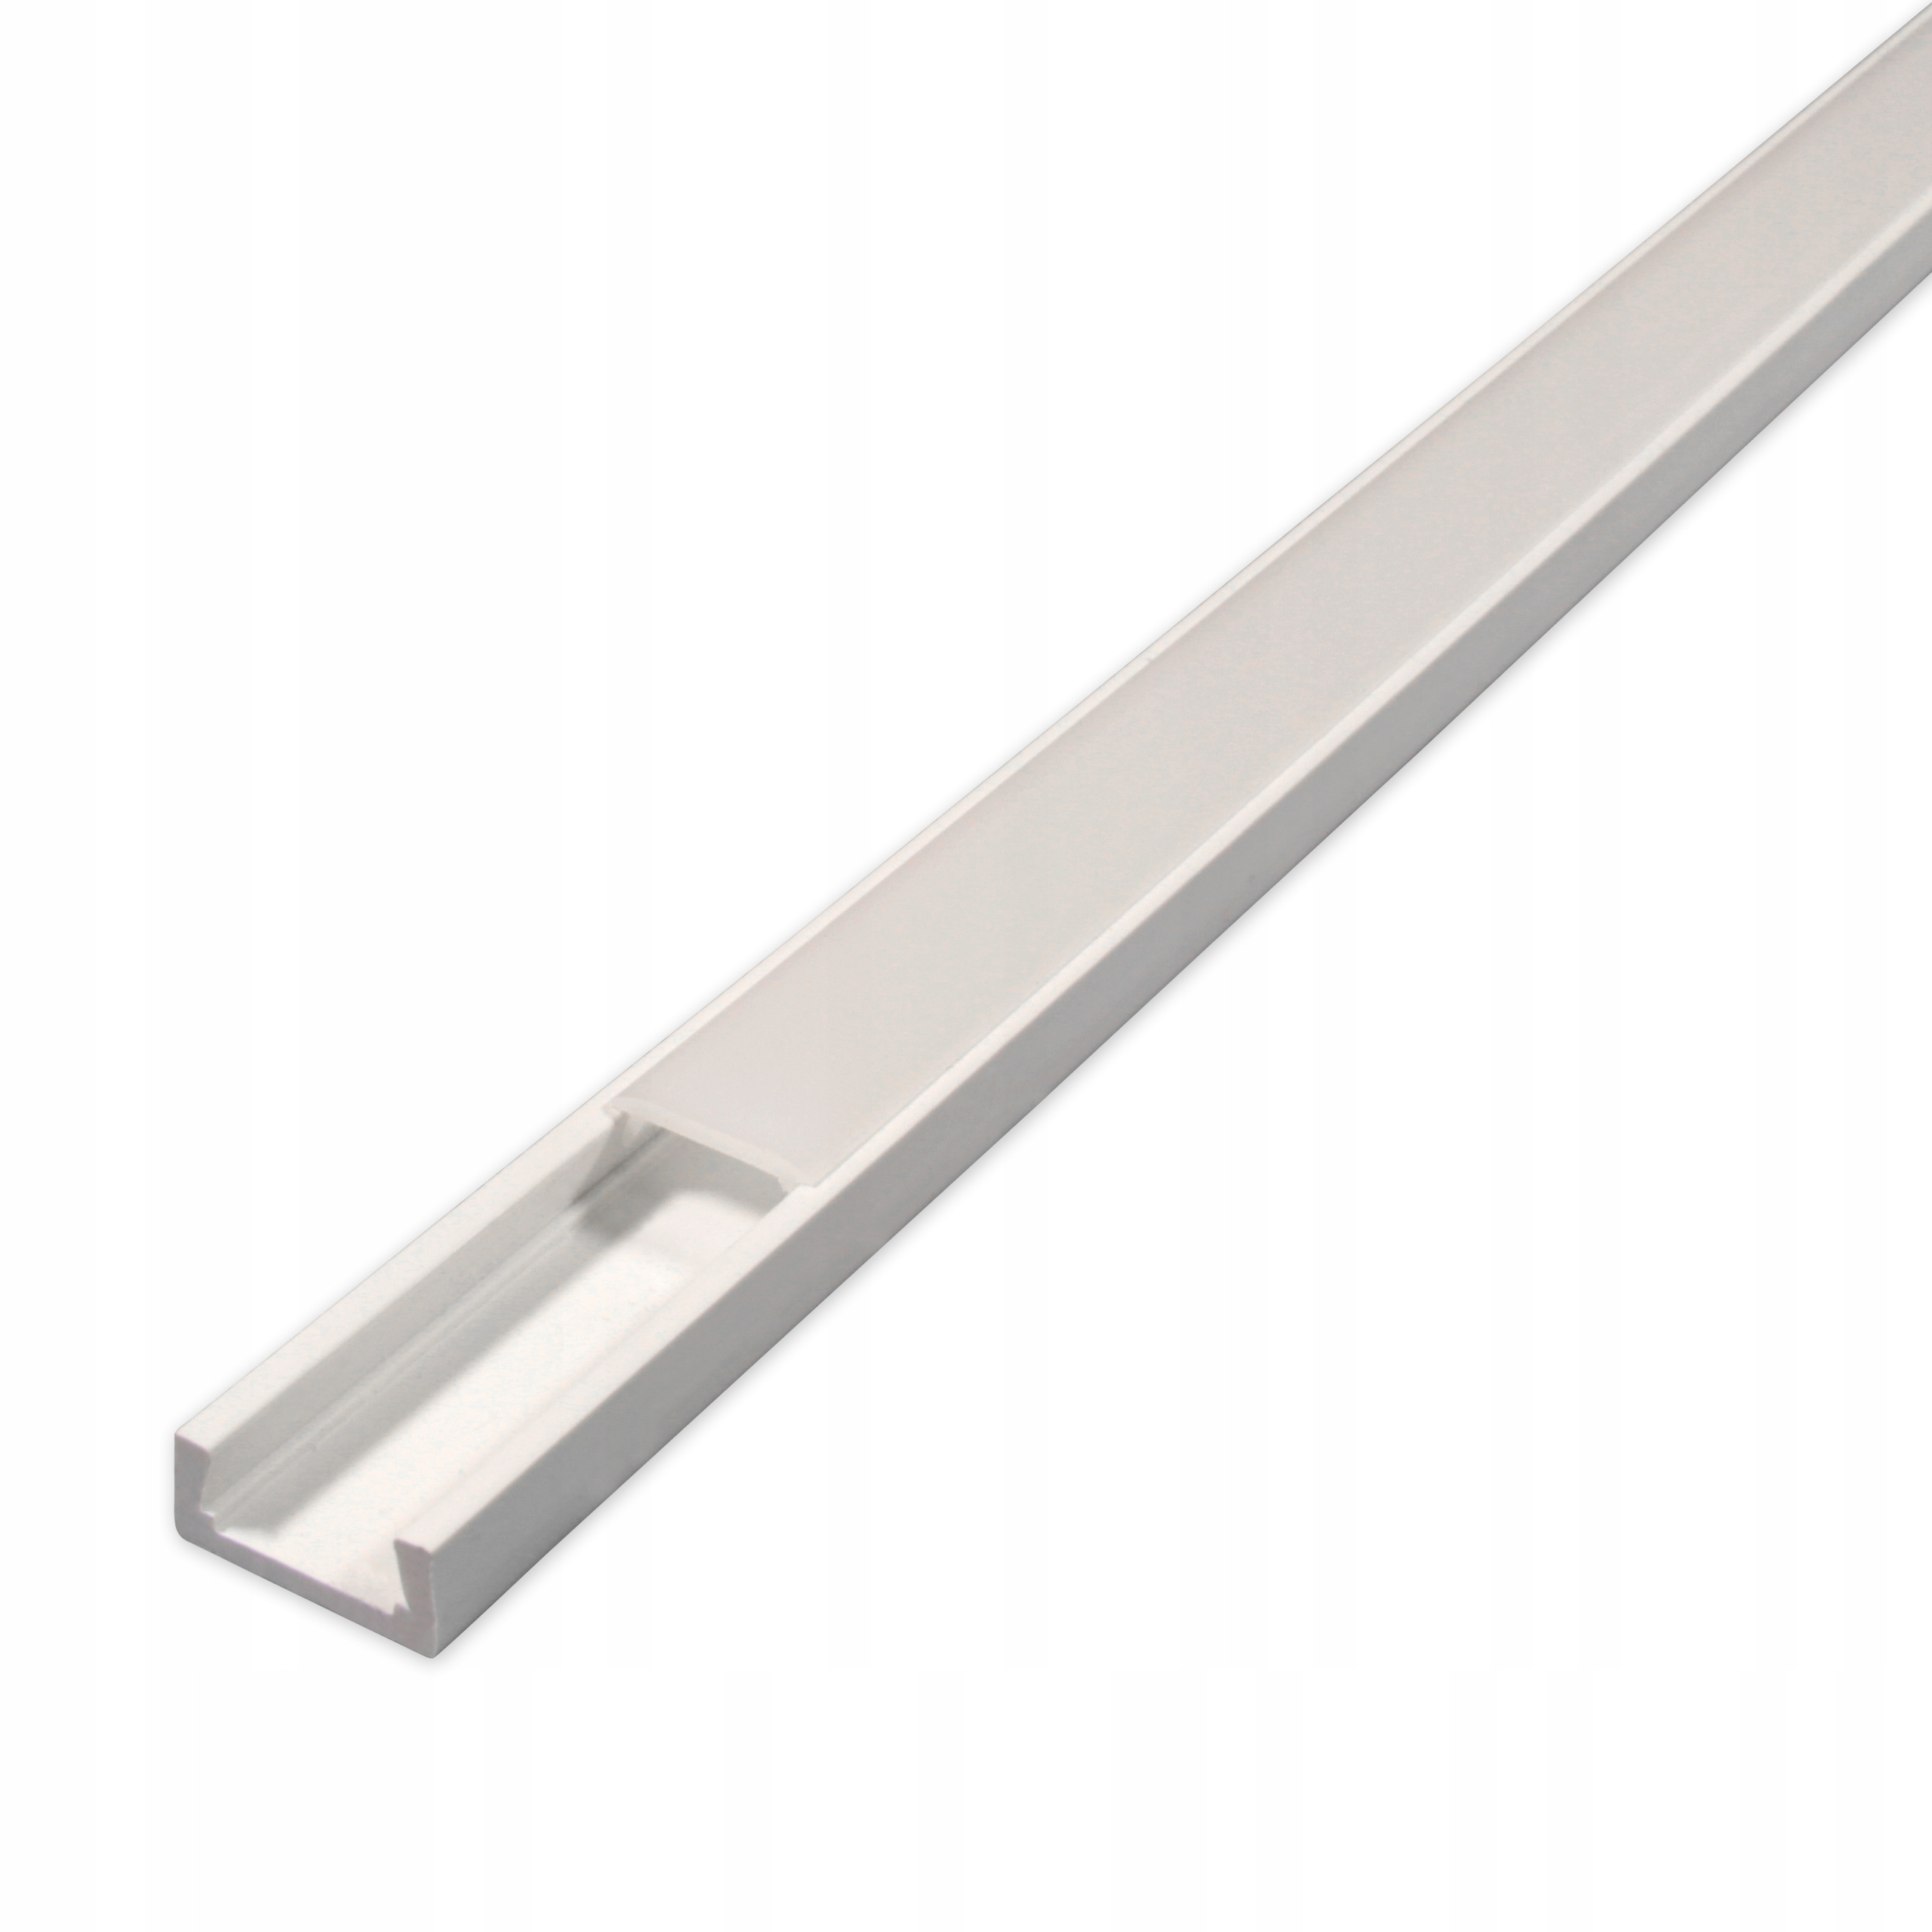 Профиль LED ??? ??? лент 8 10 мм + Абажур 4 цвета 2м